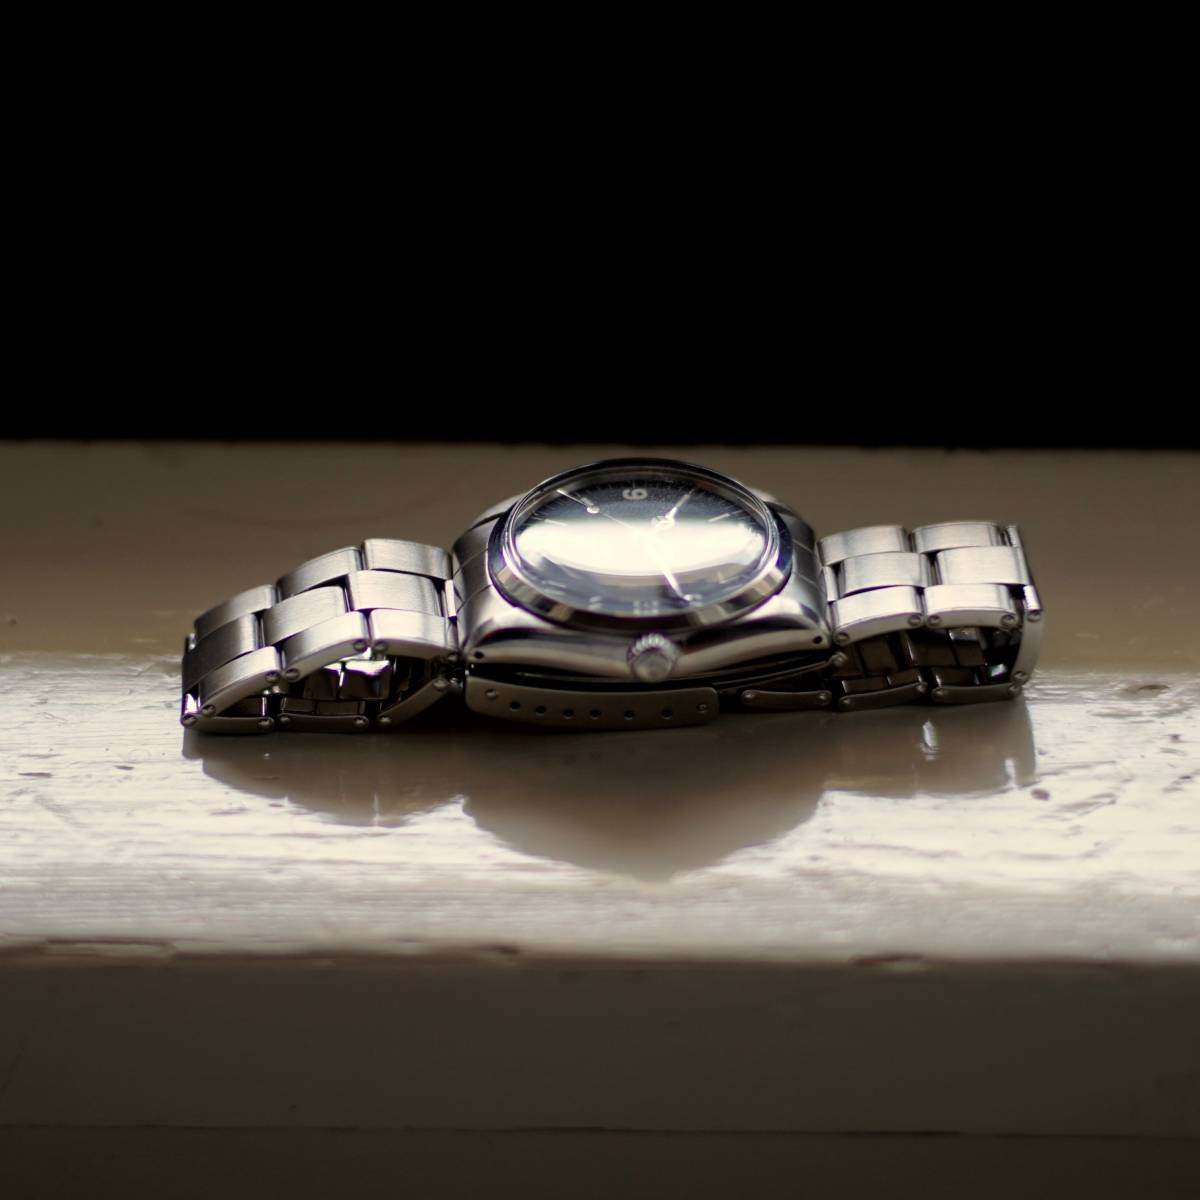 超美品 Rolex 5500 Explorer Cartier Wネーム カルティエ ロレックス エクスプローラー 5500 リダン OH済 仕上げ済 リベットブレス_画像7